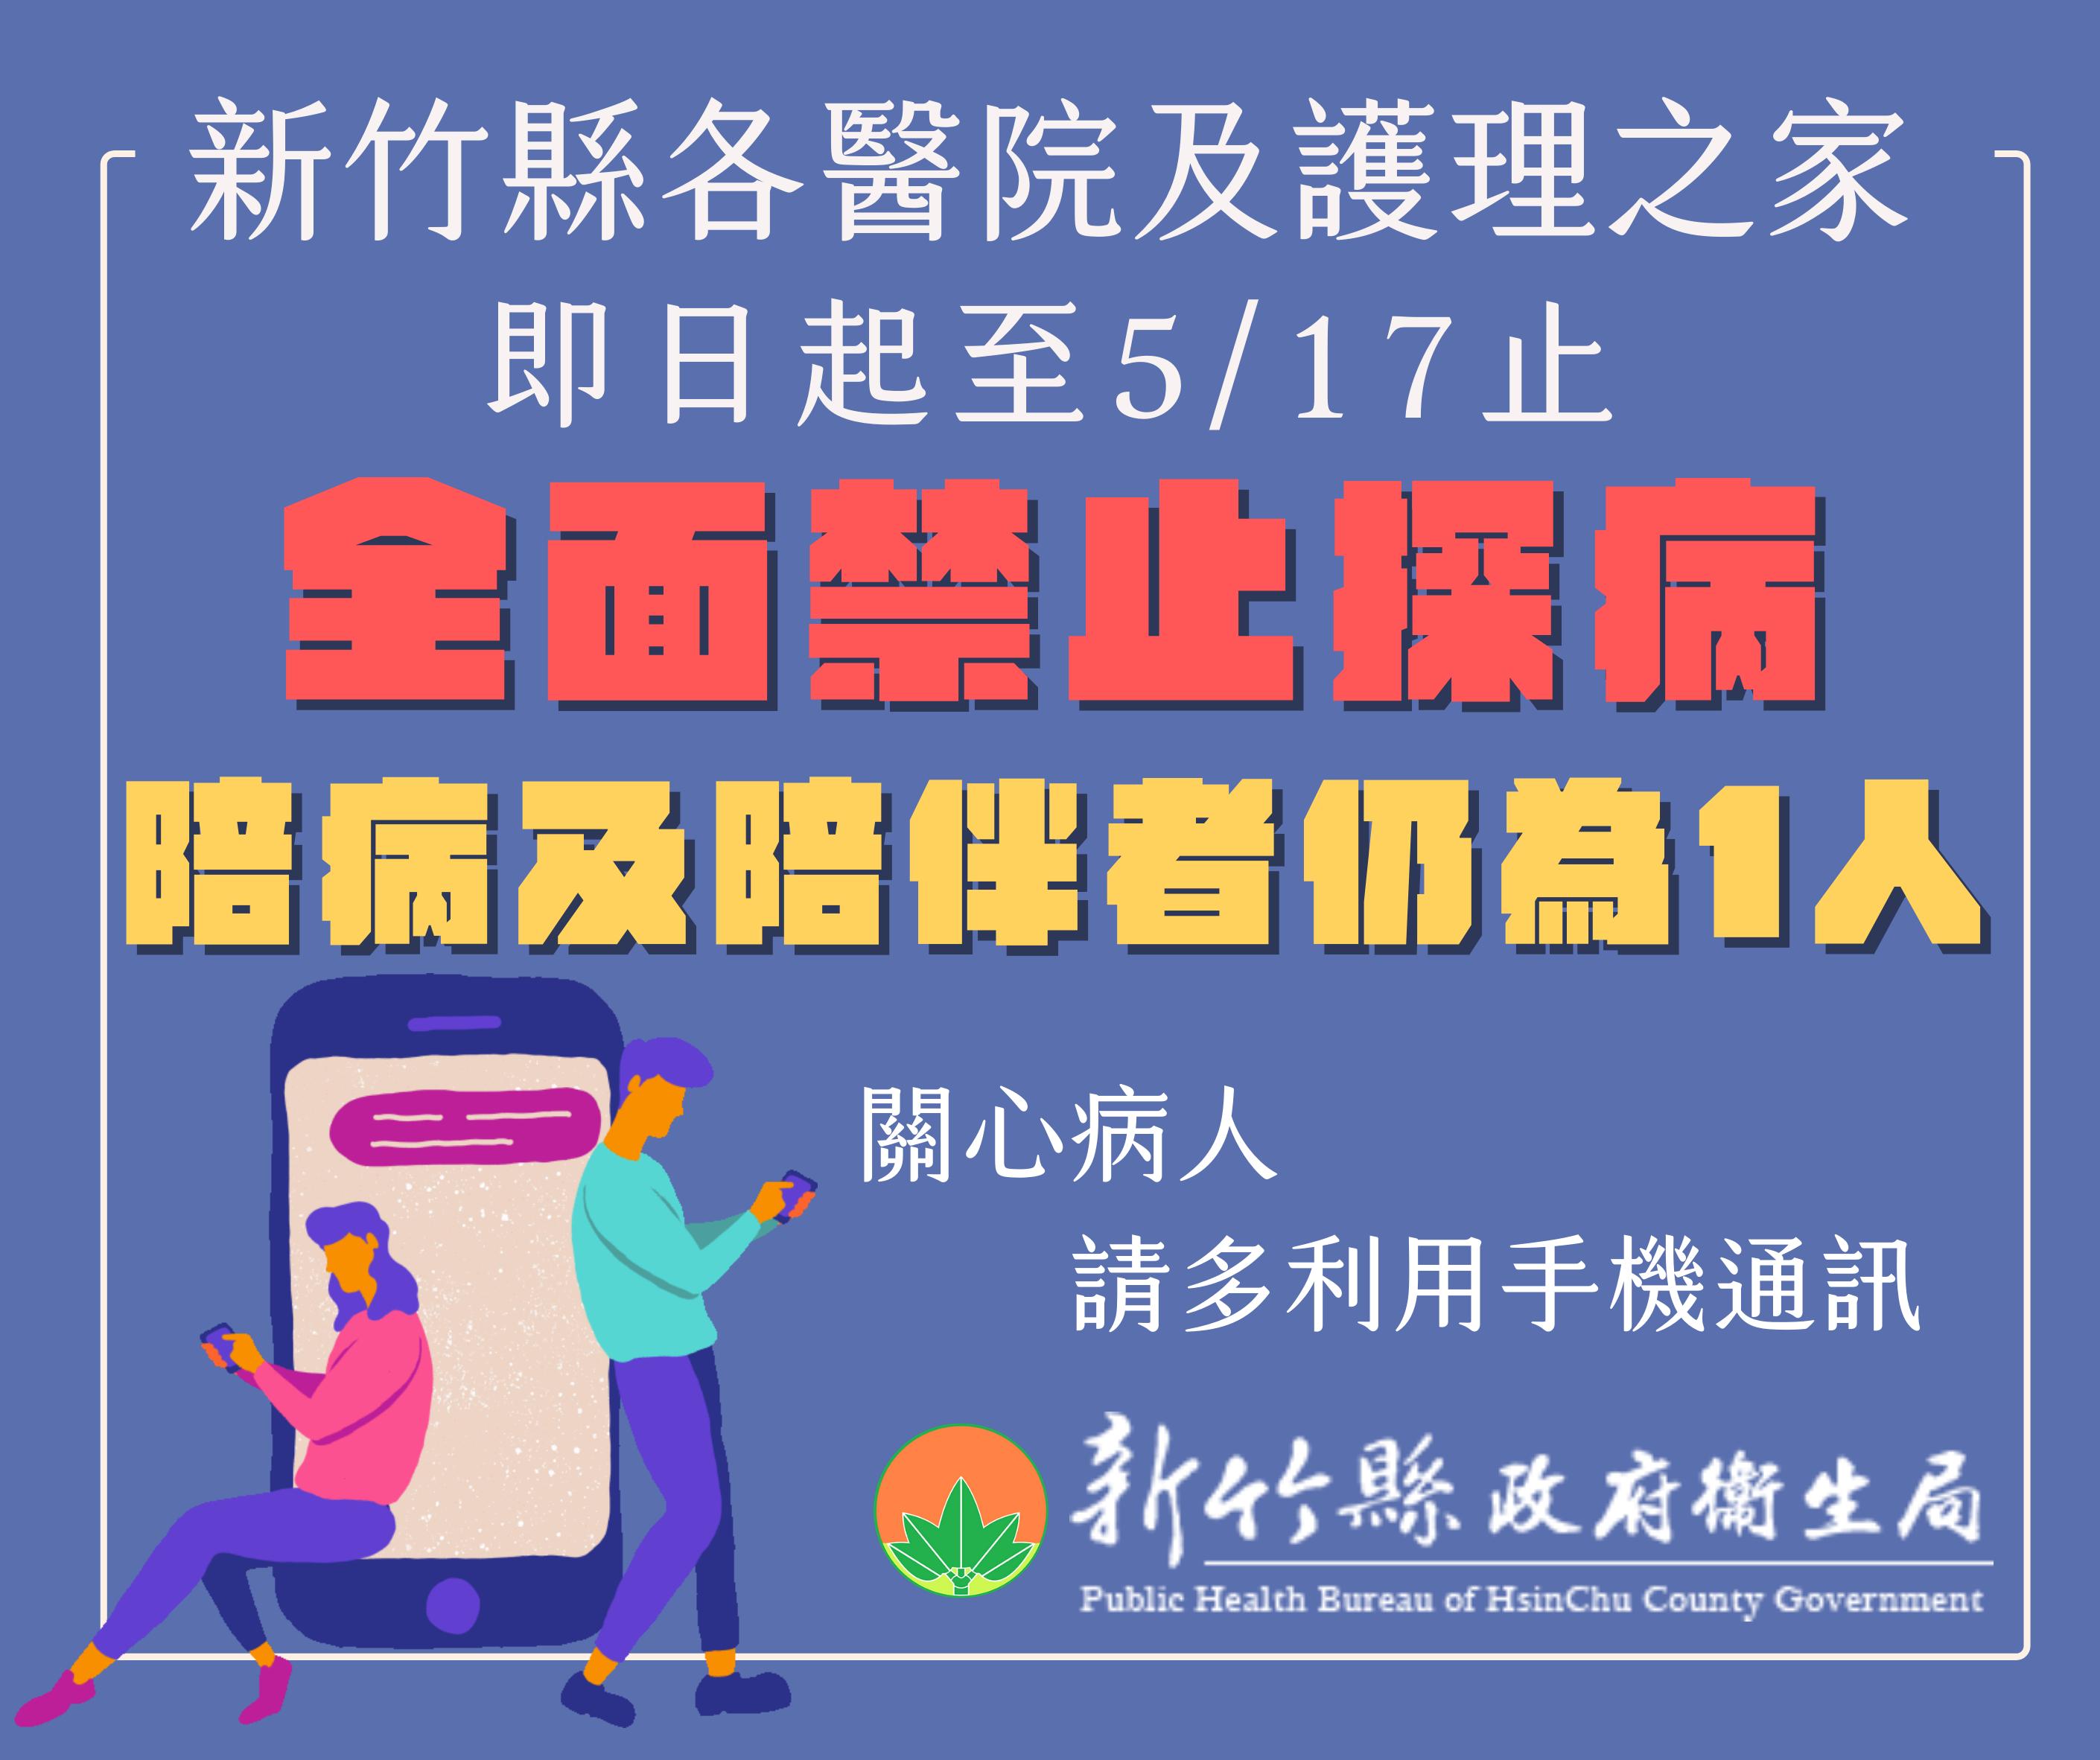 新竹縣各醫院及護理之家,即日起至5月17日止,全面禁止探病